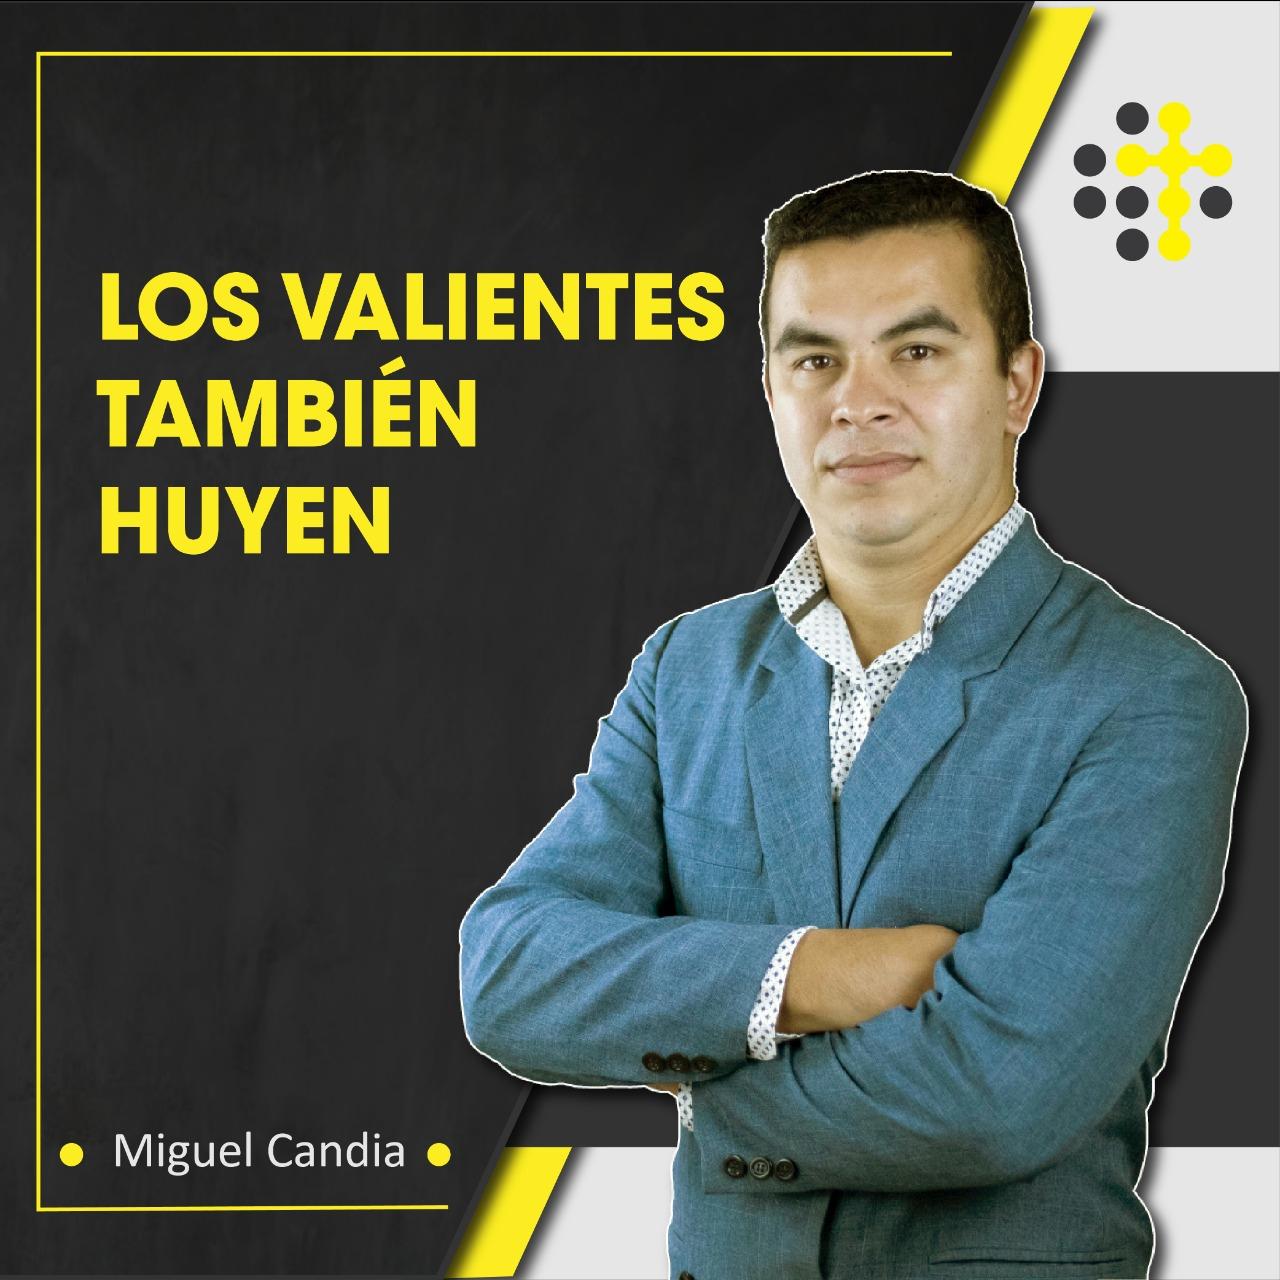 Los valientes también huyen - Orador: Miguel Candia